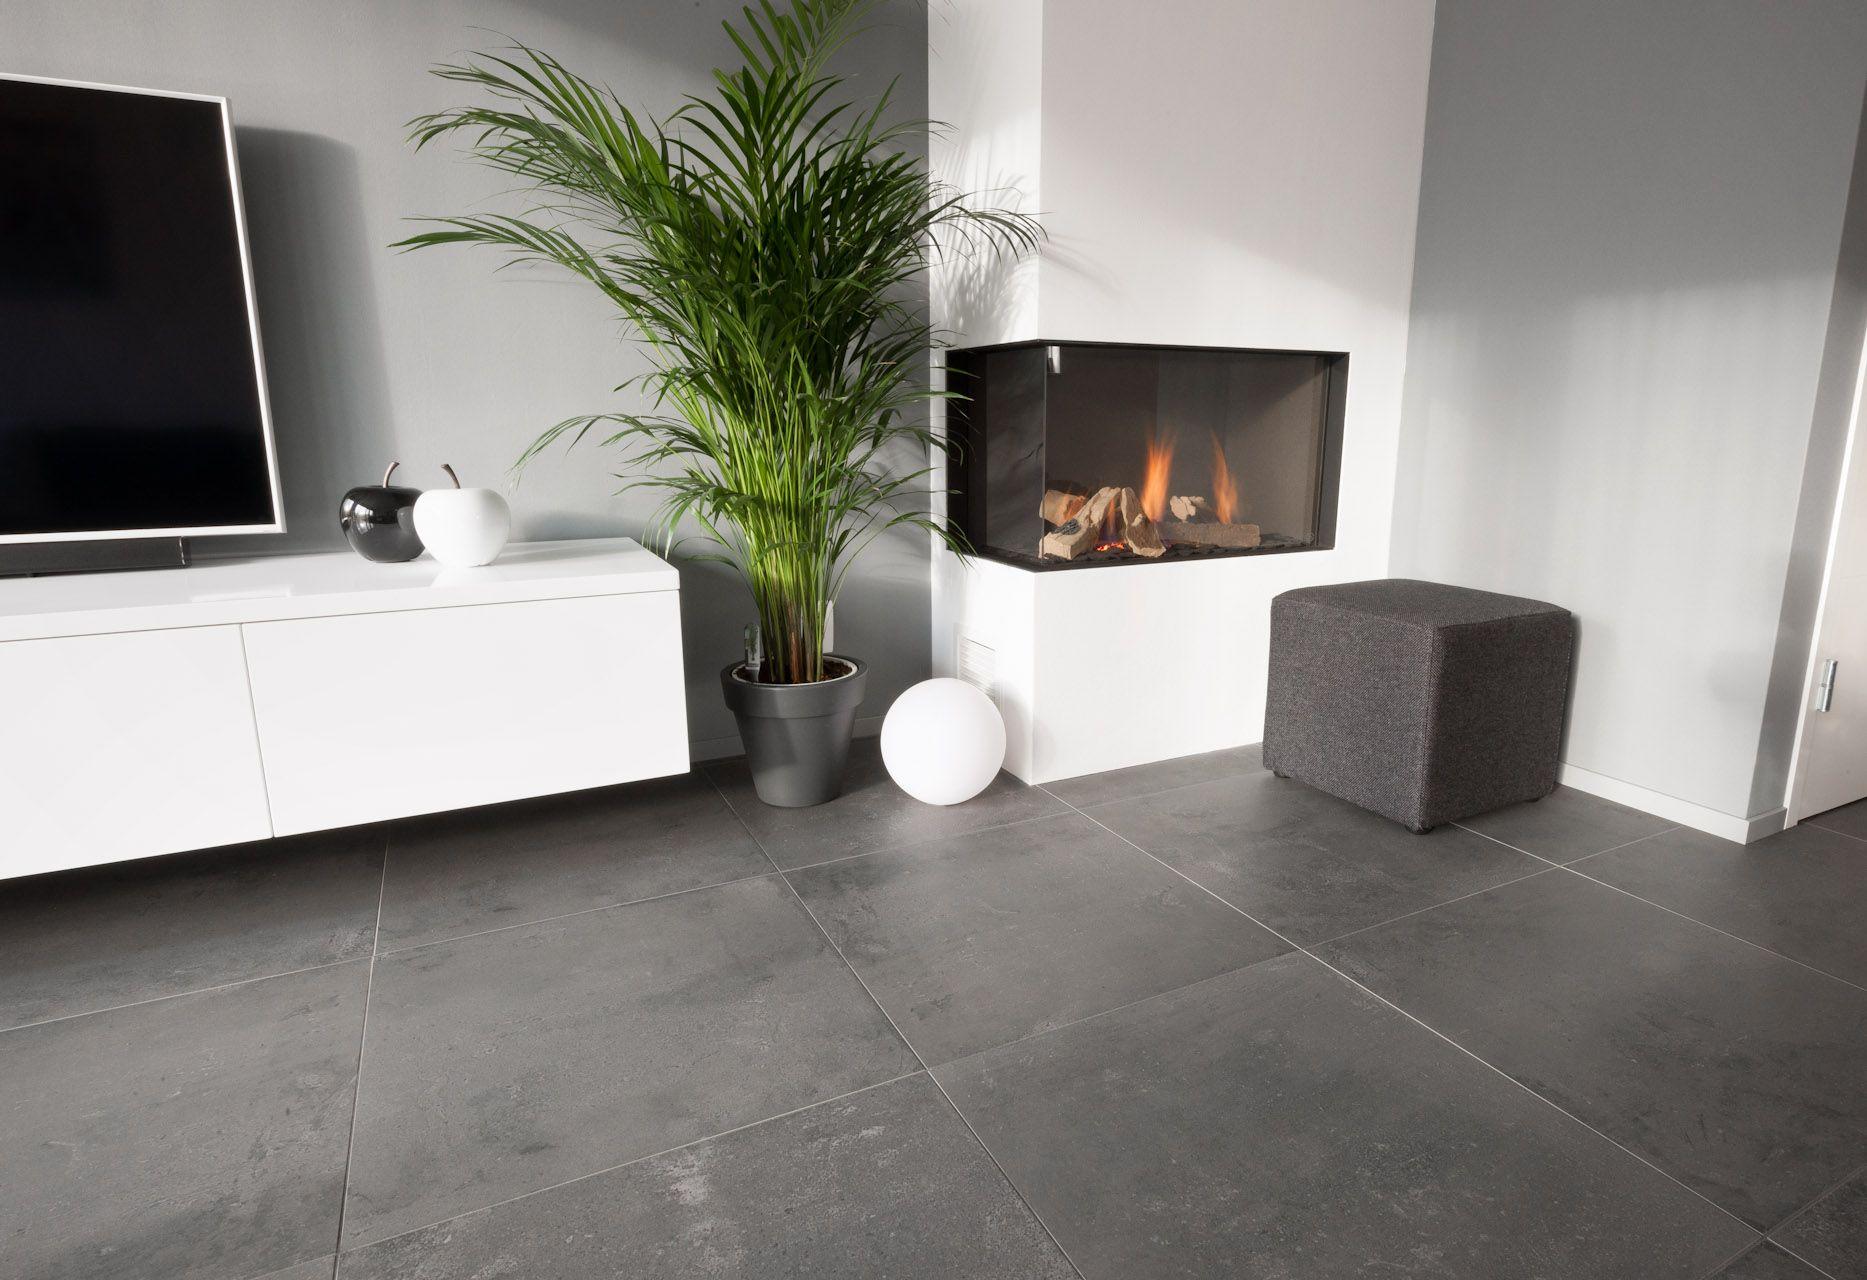 keramische tegels - vloertegels van keramiek bij kroon | vloer, Deco ideeën